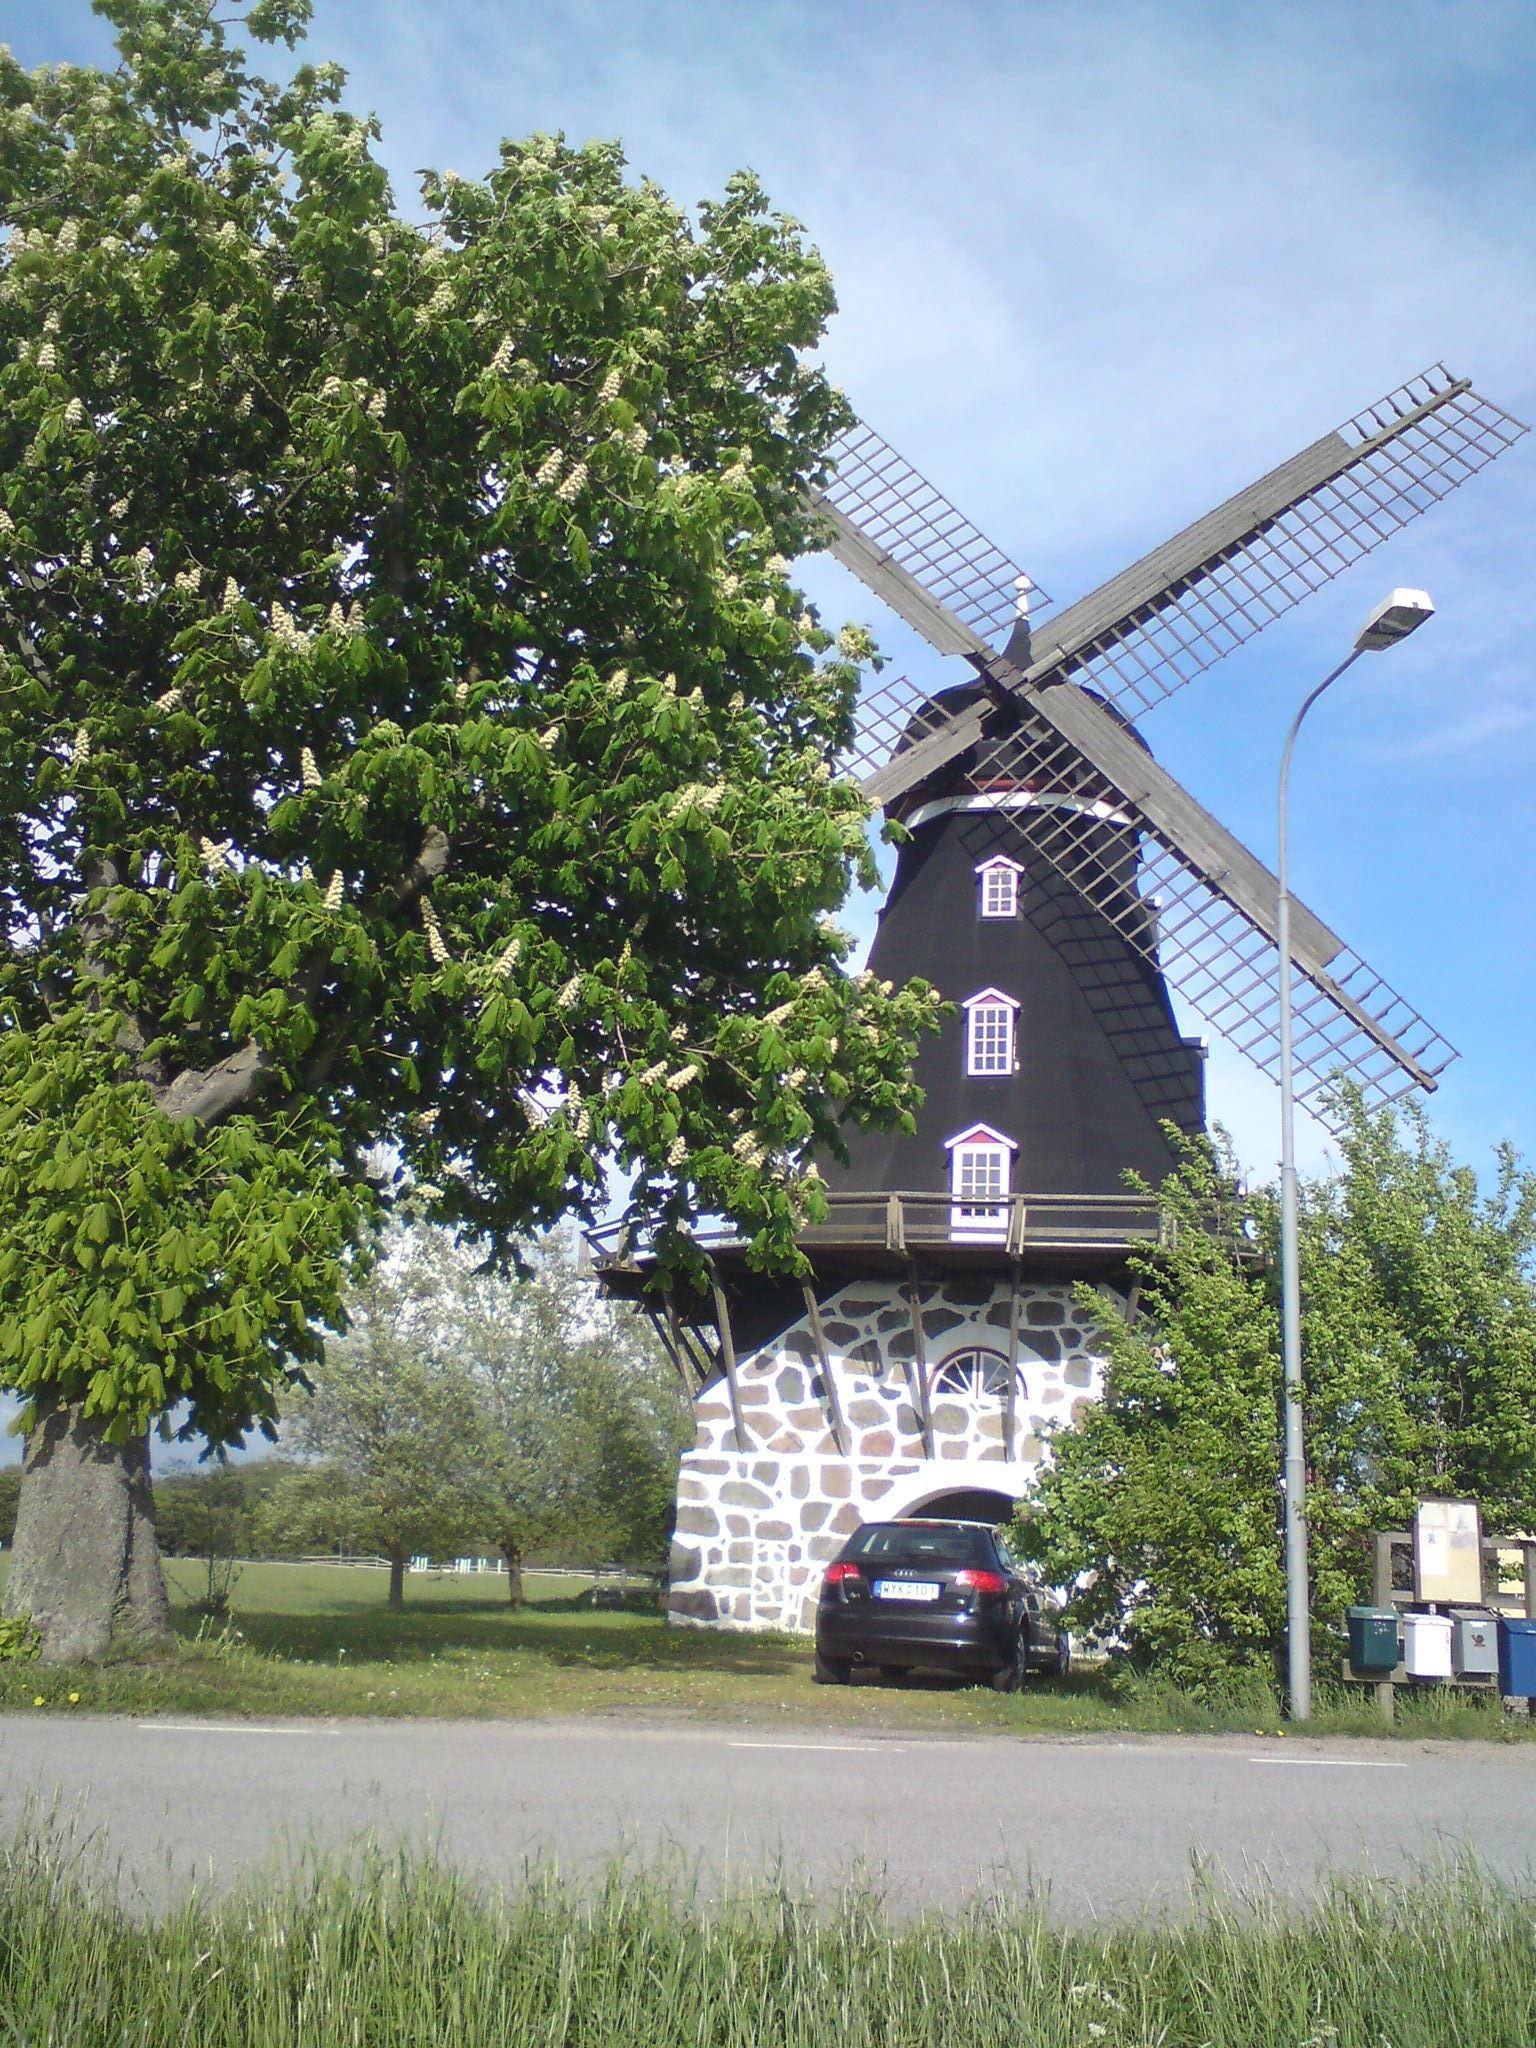 Norra Grönby windmill